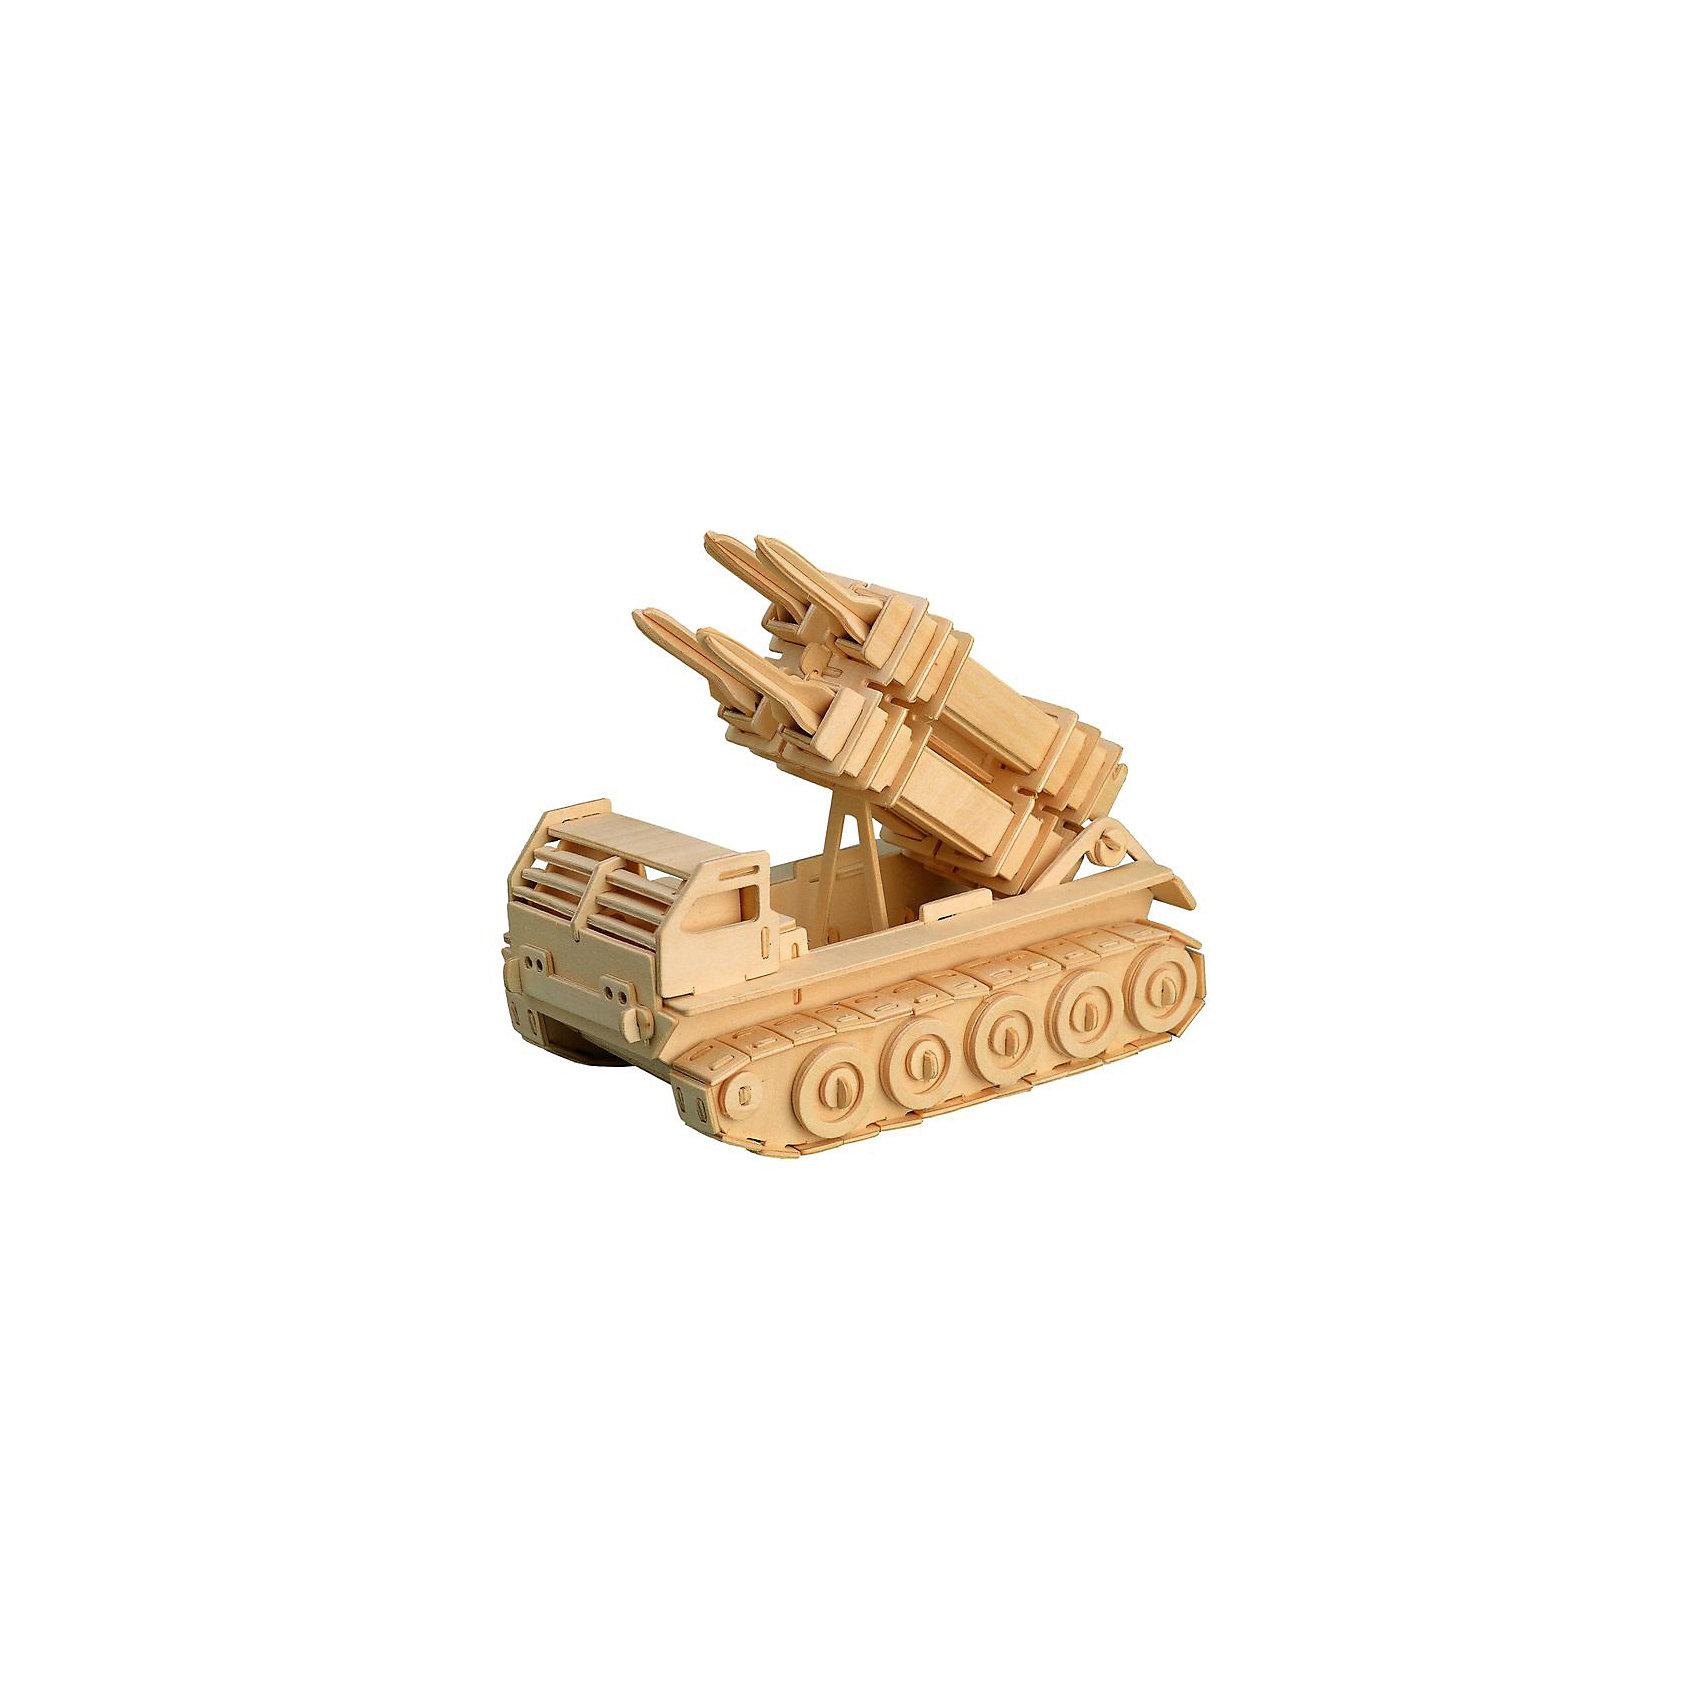 МДИ Ракетная установка, Мир деревянных игрушек игрушка мир деревянных игрушек лабиринт слон д345